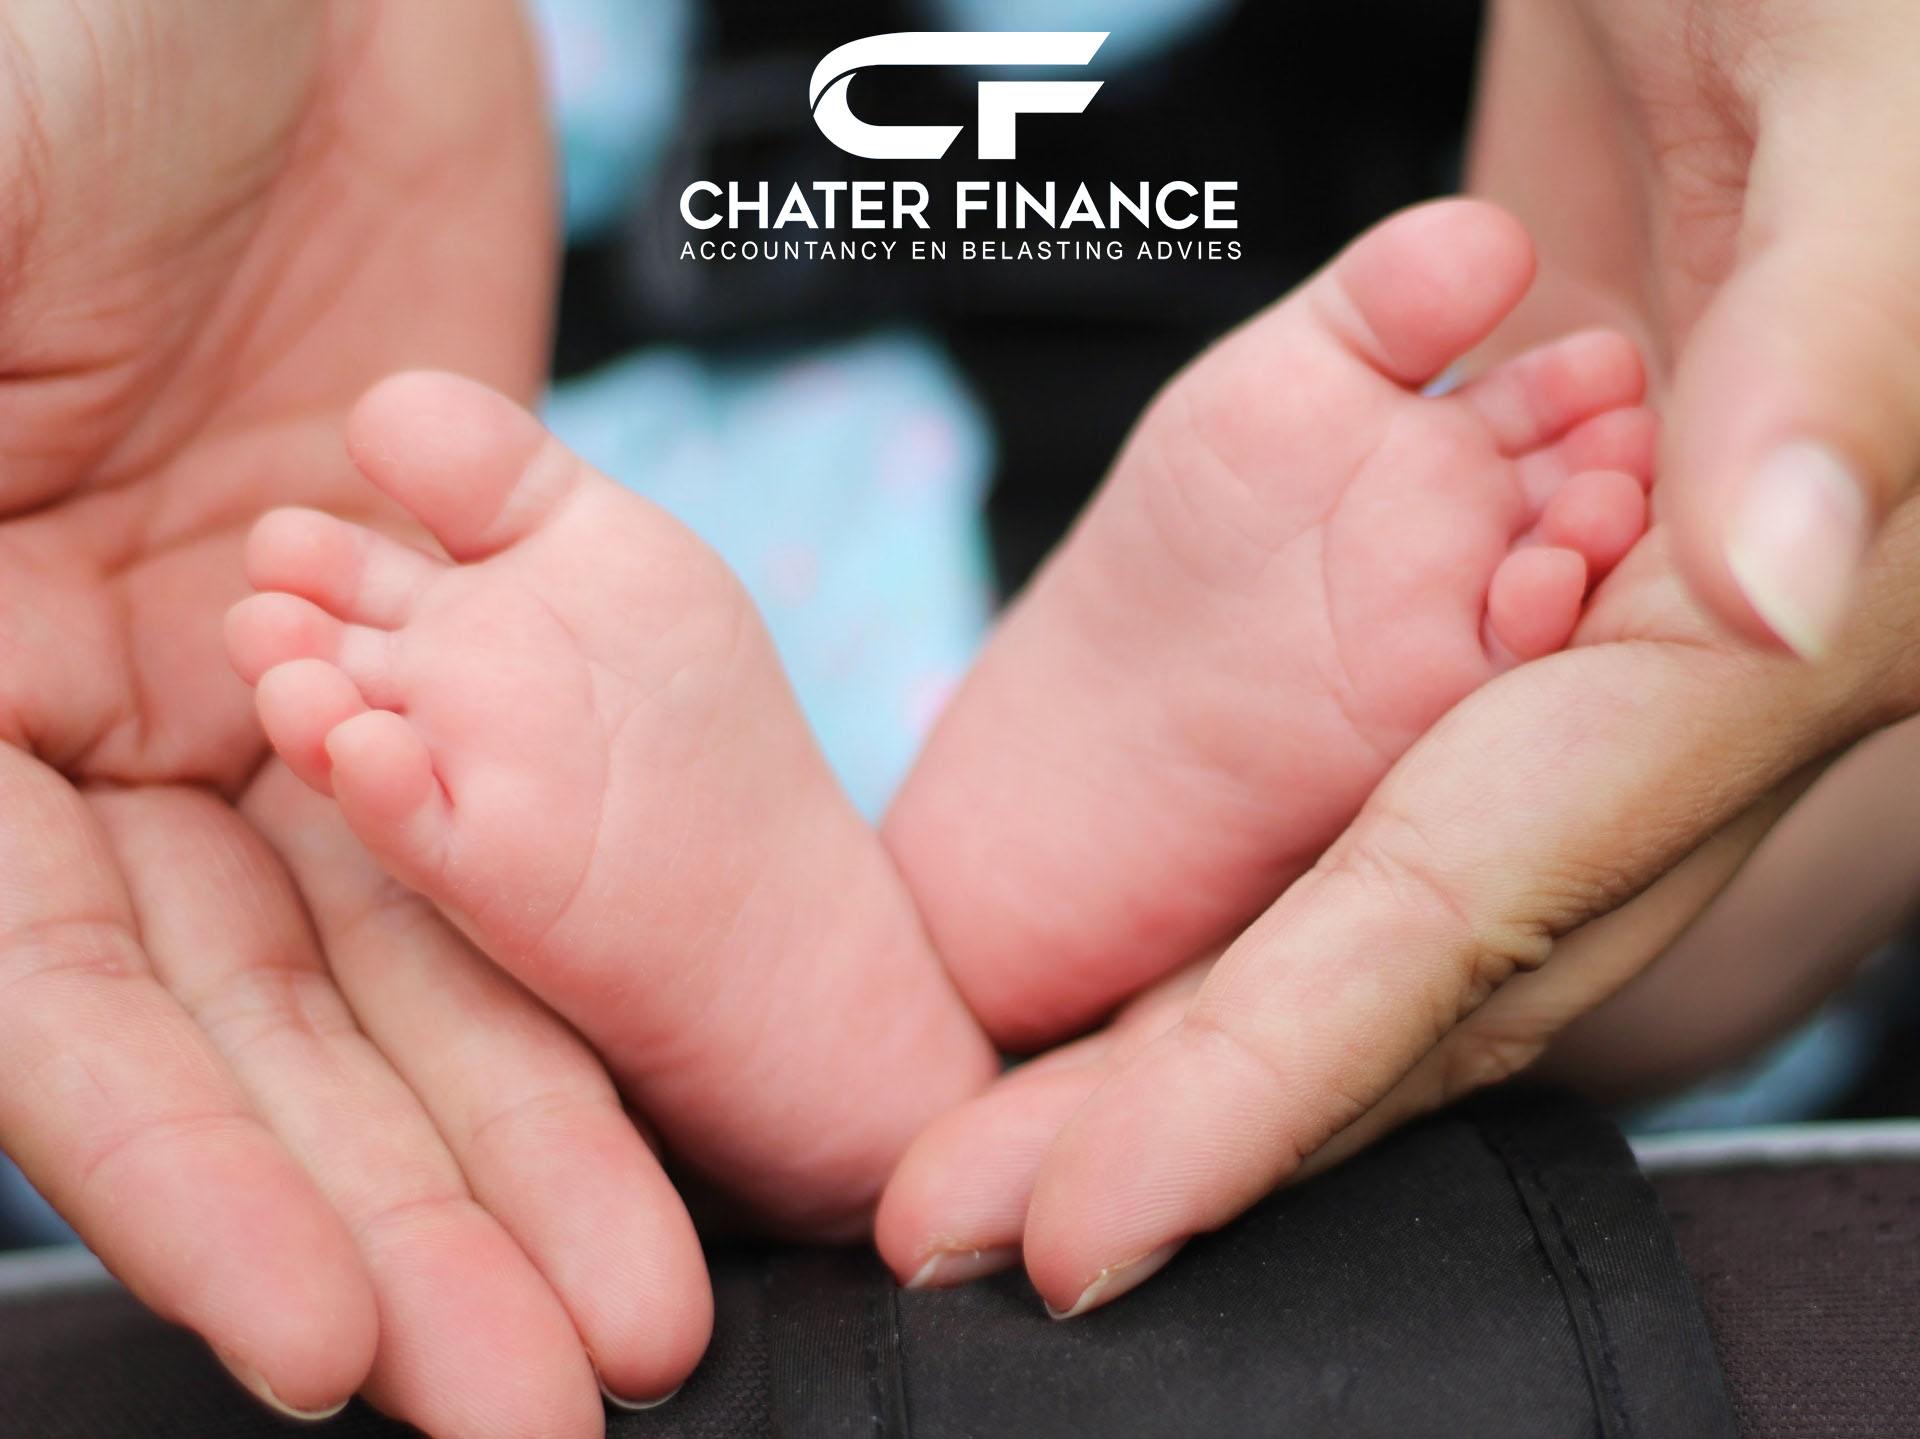 Nieuw Vanaf 1 Juli: Aanvullend Geboorteverlof Voor Partners